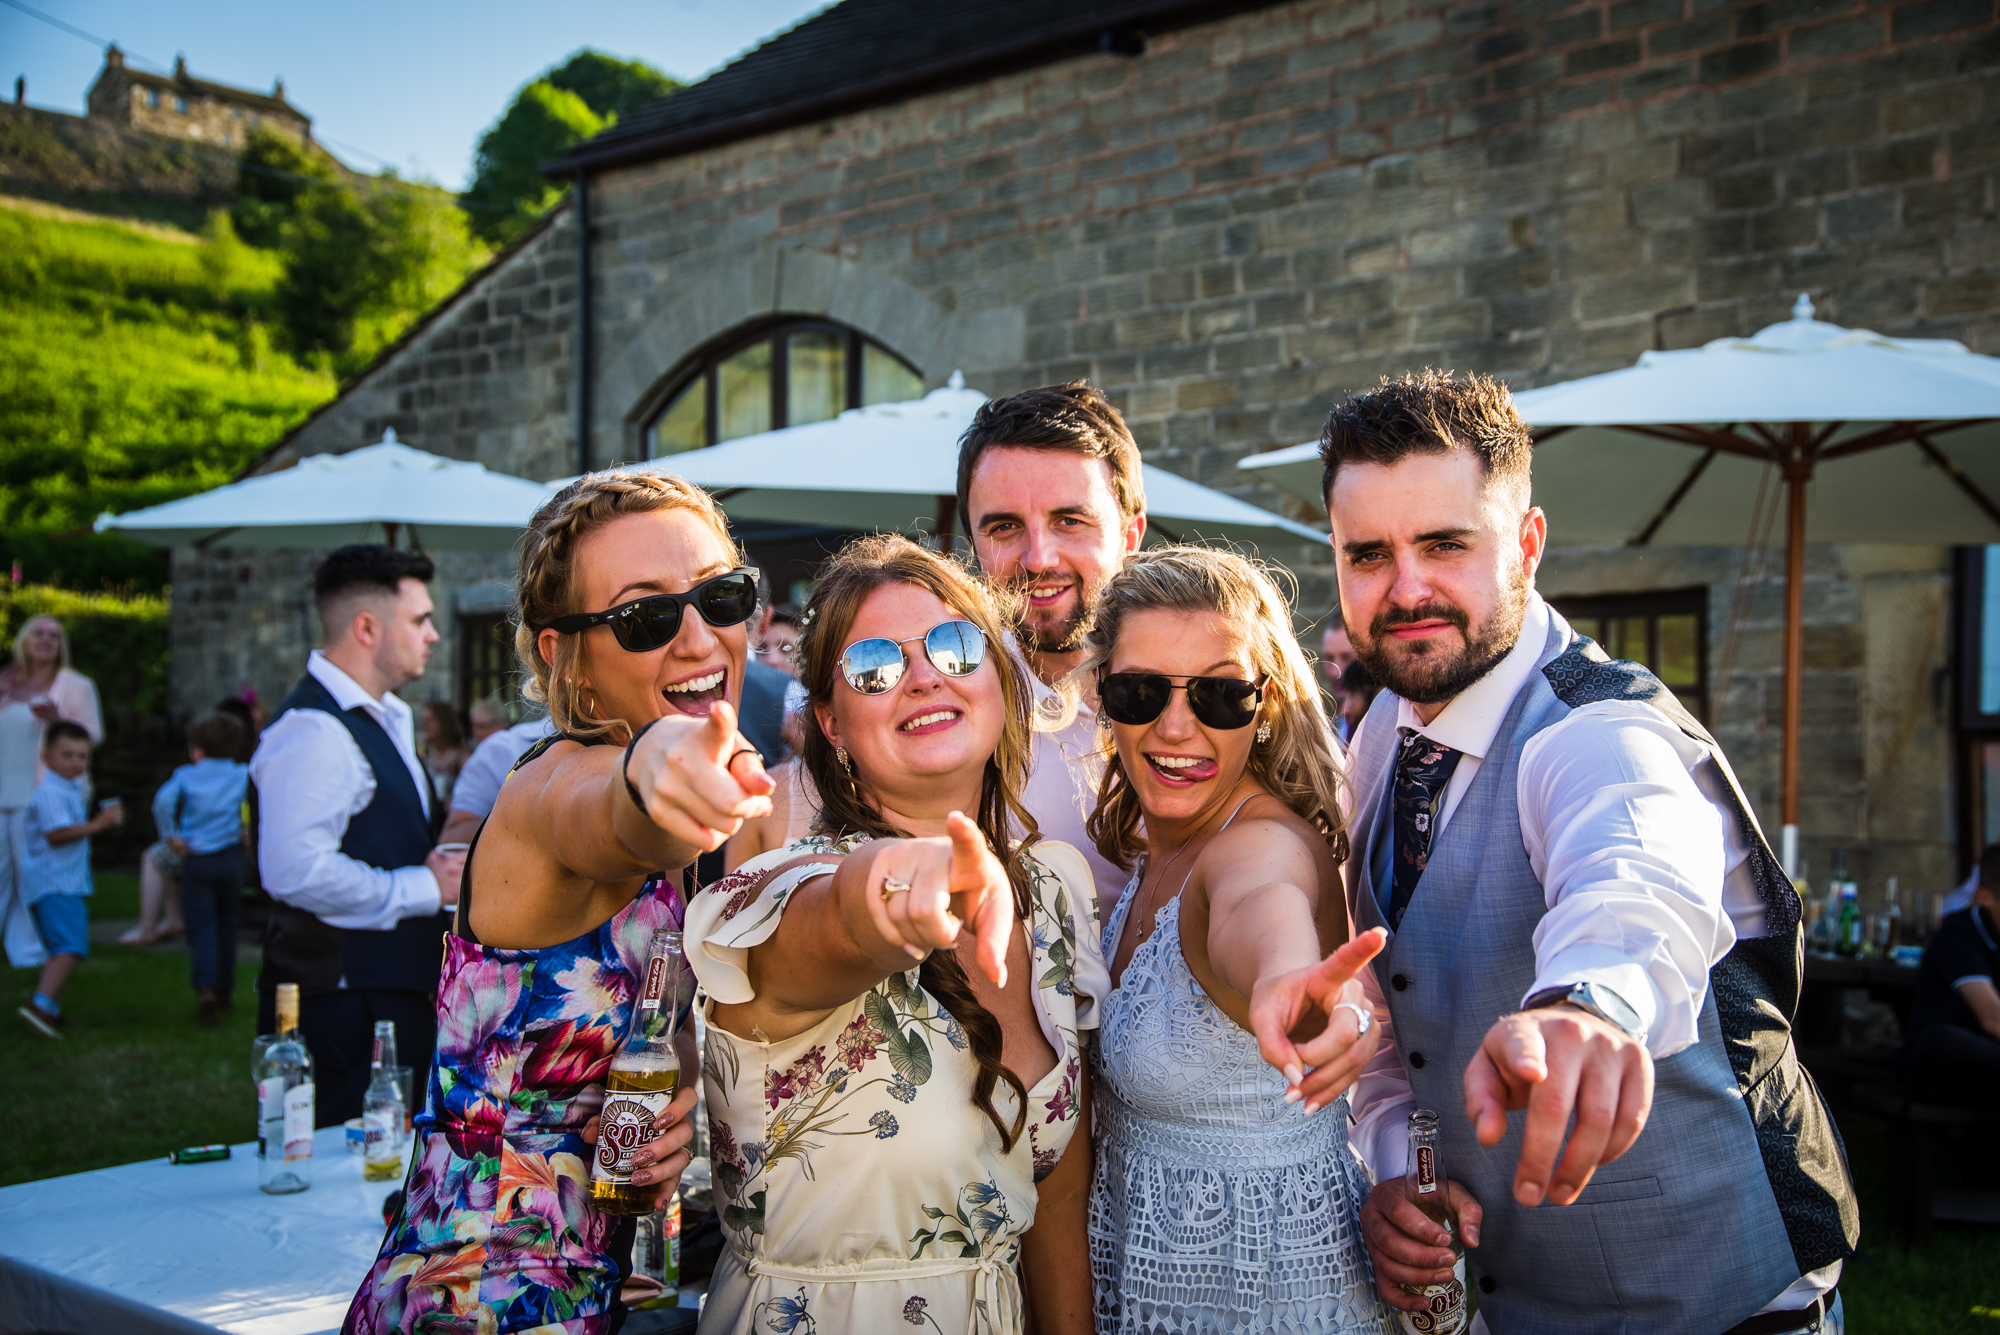 Guests having lots of fun at a wedding